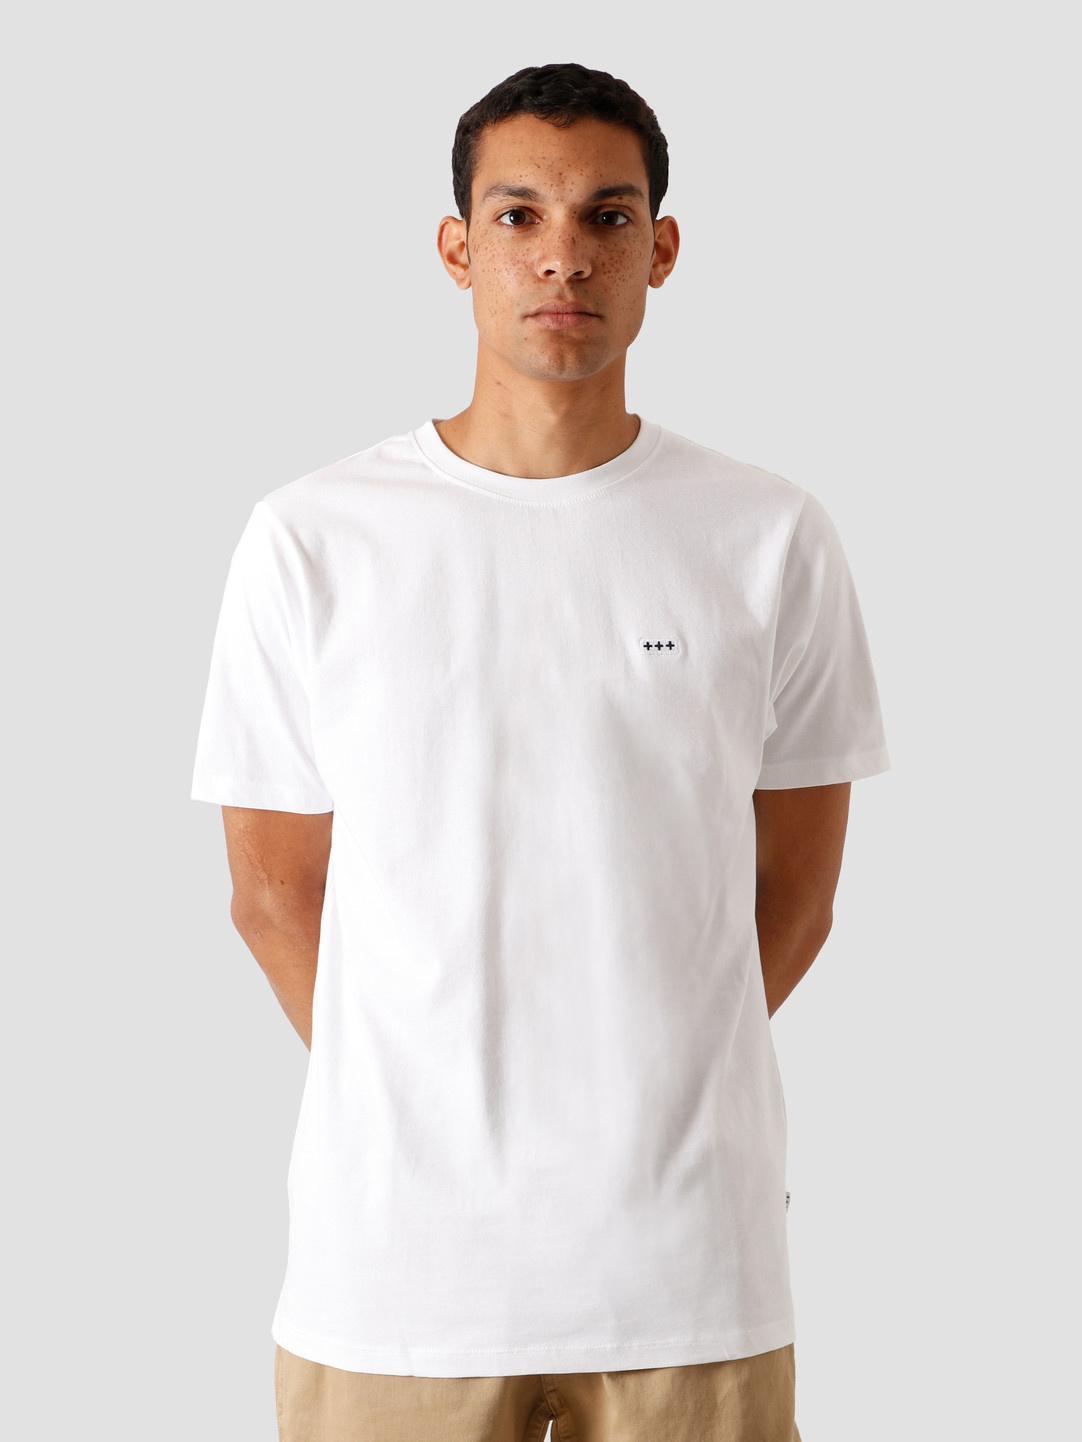 Quality Blanks Quality Blanks QB03 Patch Logo T-shirt White